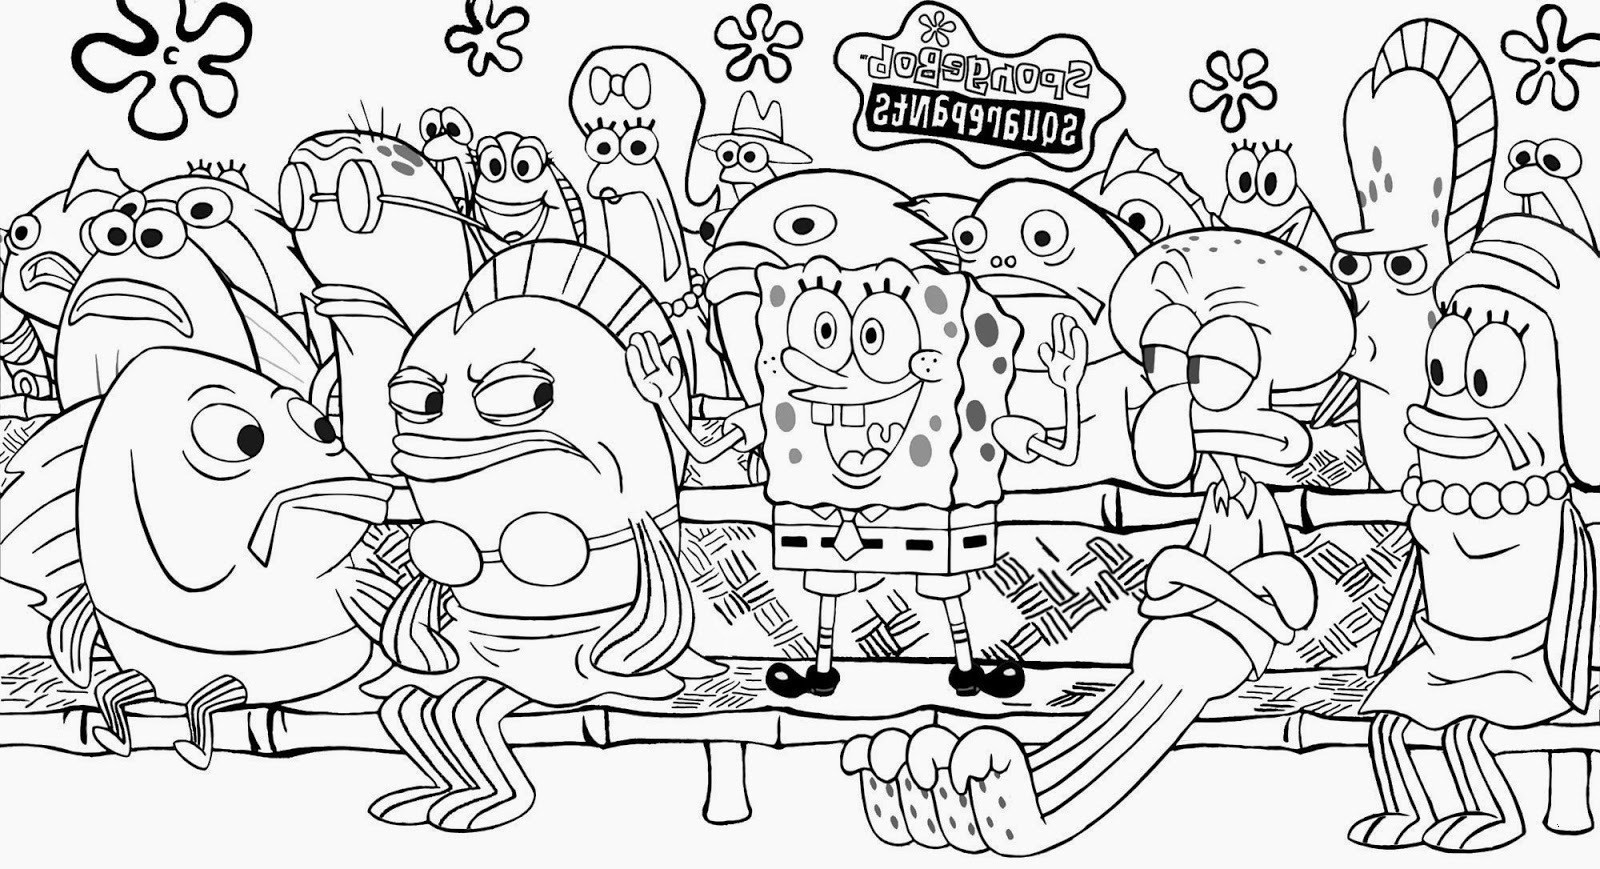 Happy Birthday Zum Ausmalen Inspirierend 27 Lecker Ausmalbild Transformers – Malvorlagen Ideen Galerie